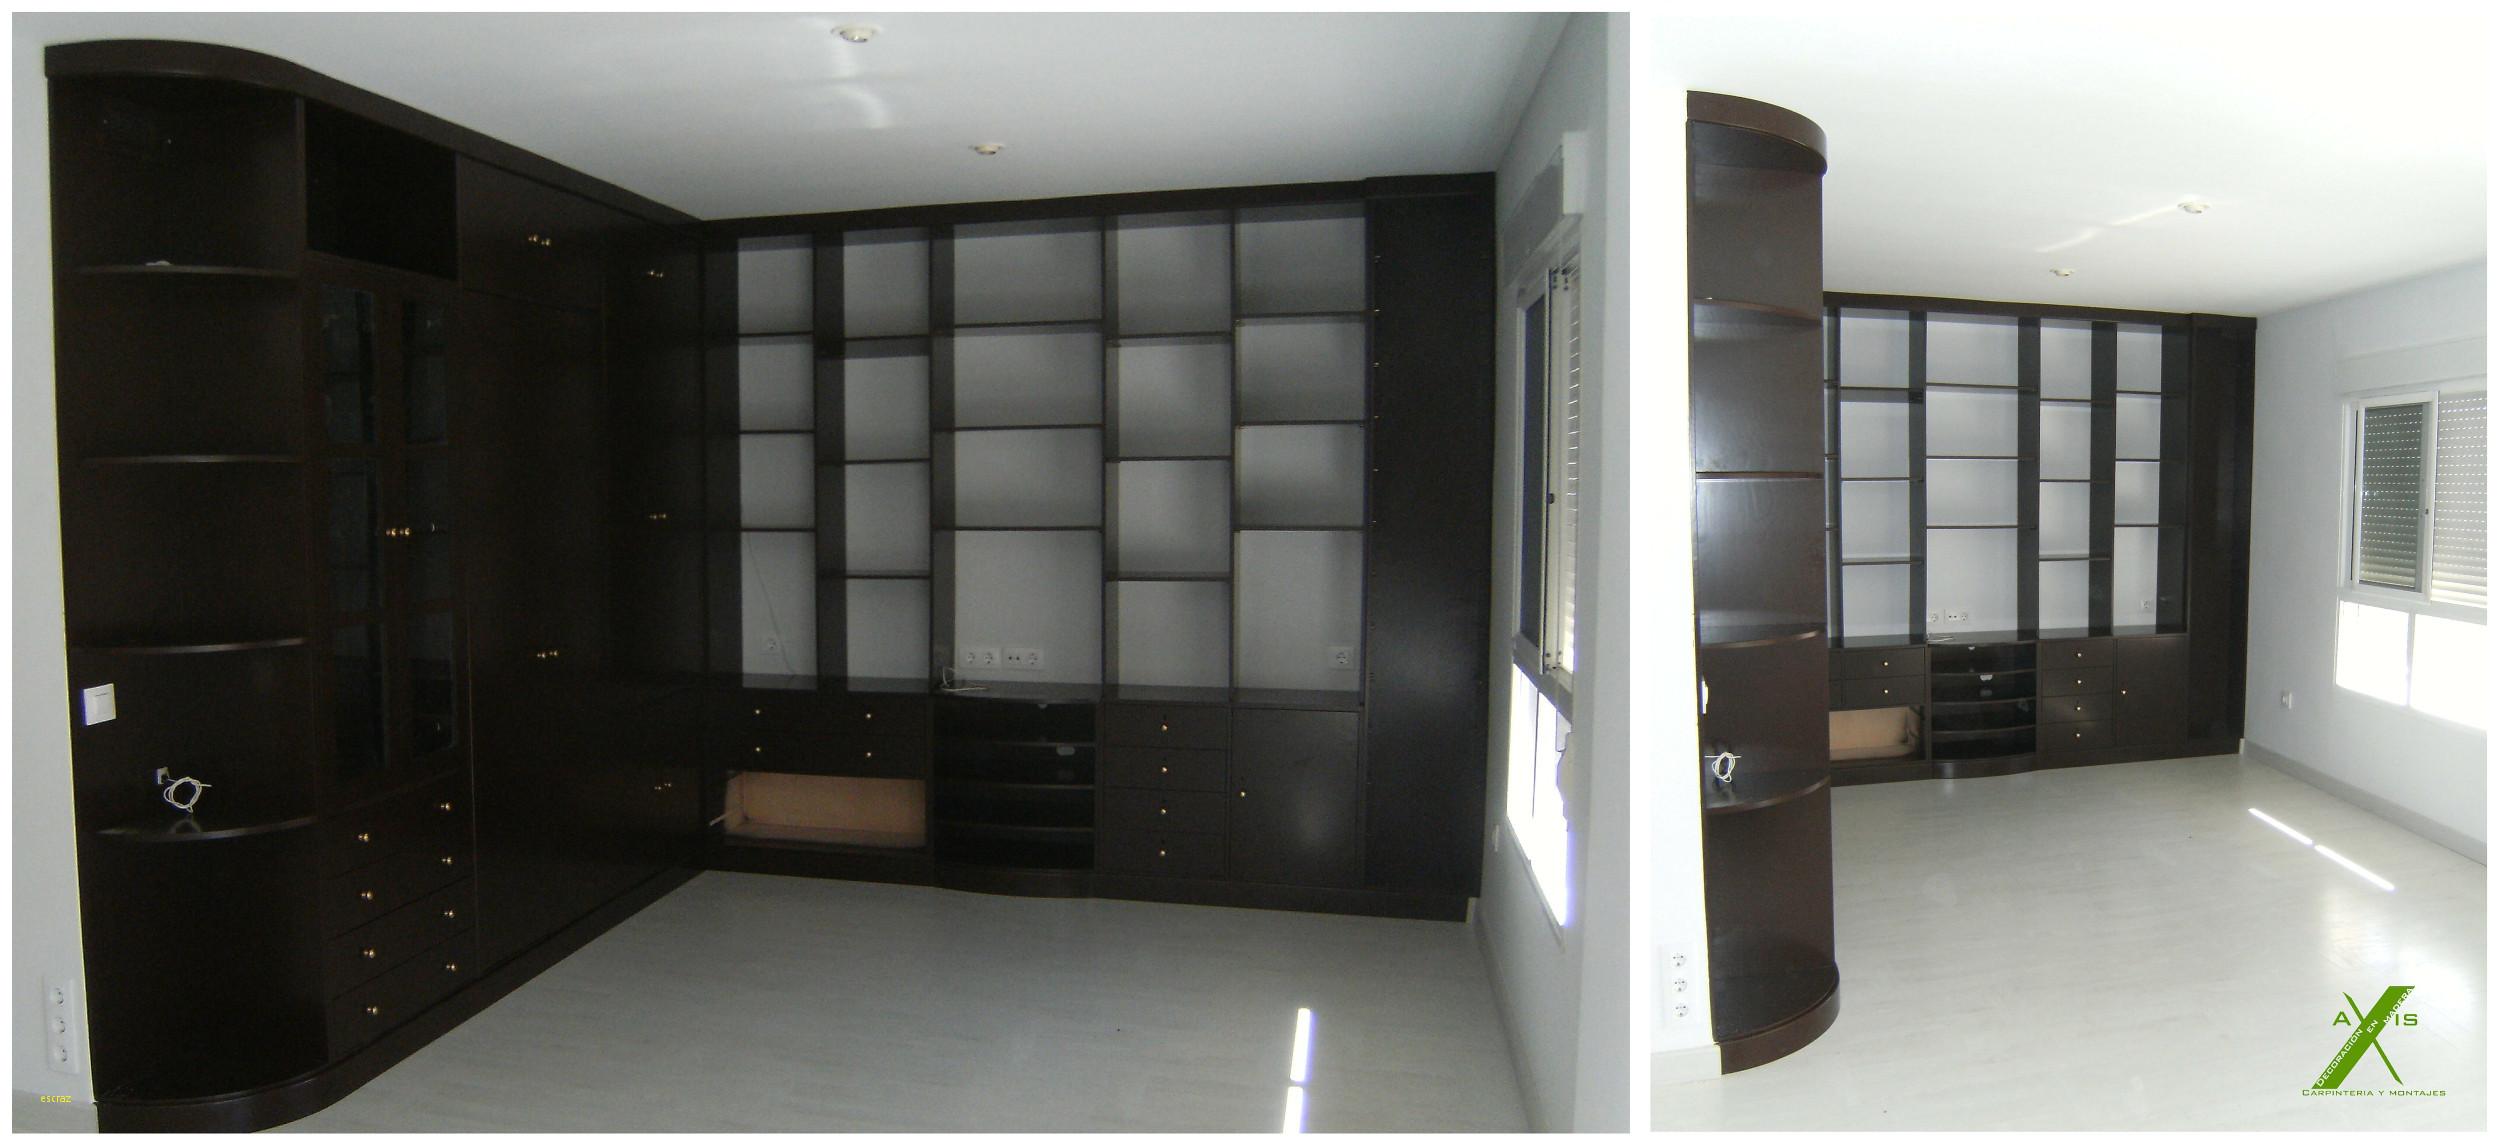 armarios para baa os arriba dise o de ba 3d c3 b1o b1os gratis 560a 400